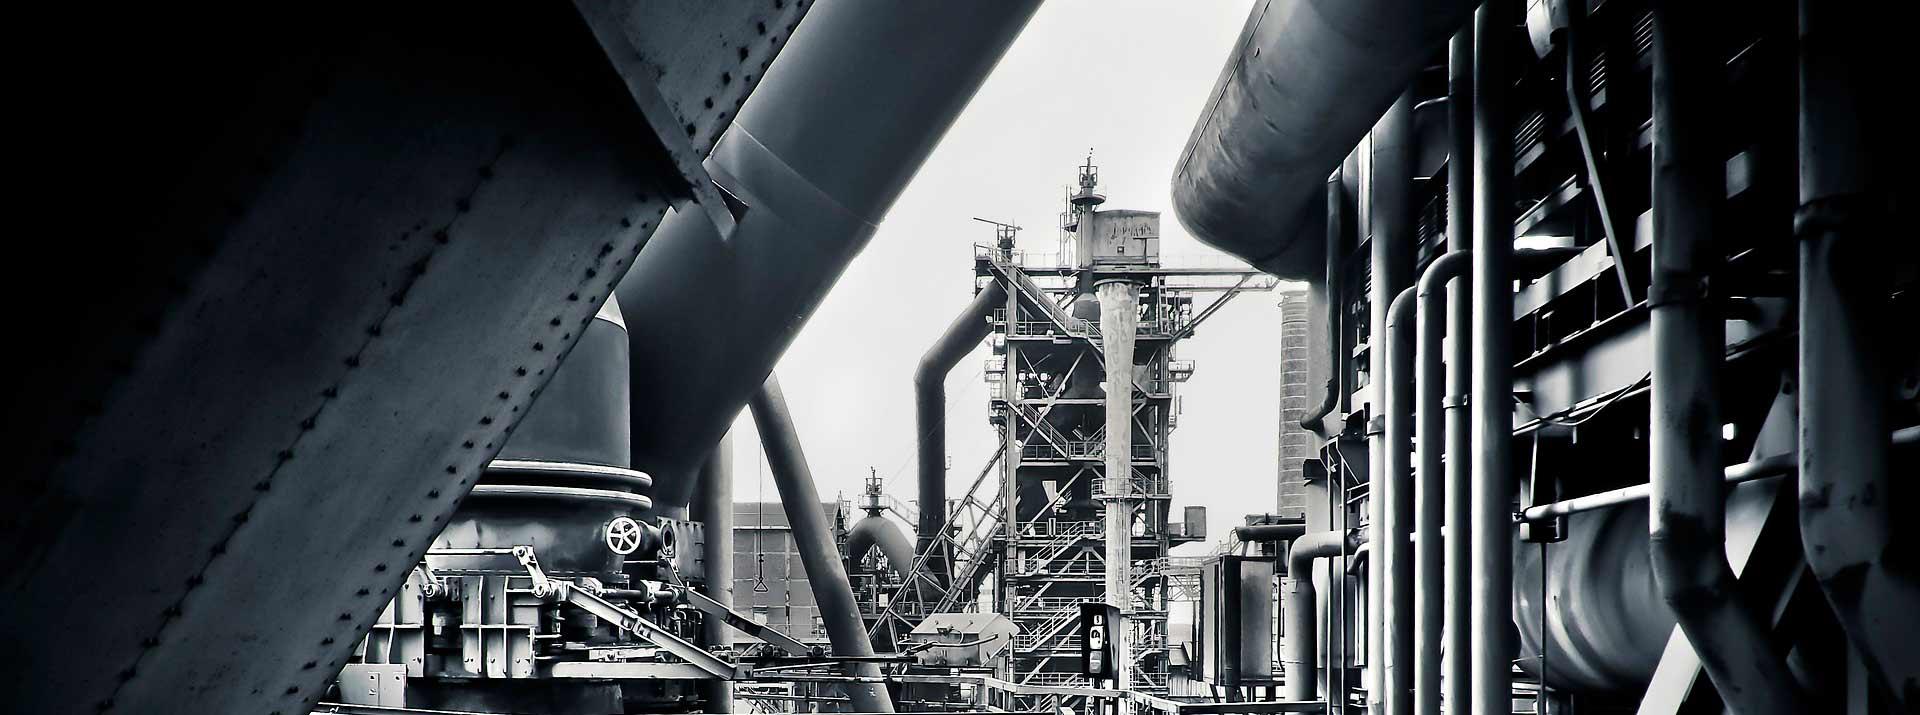 Somos fabricantes de agitadores industriales